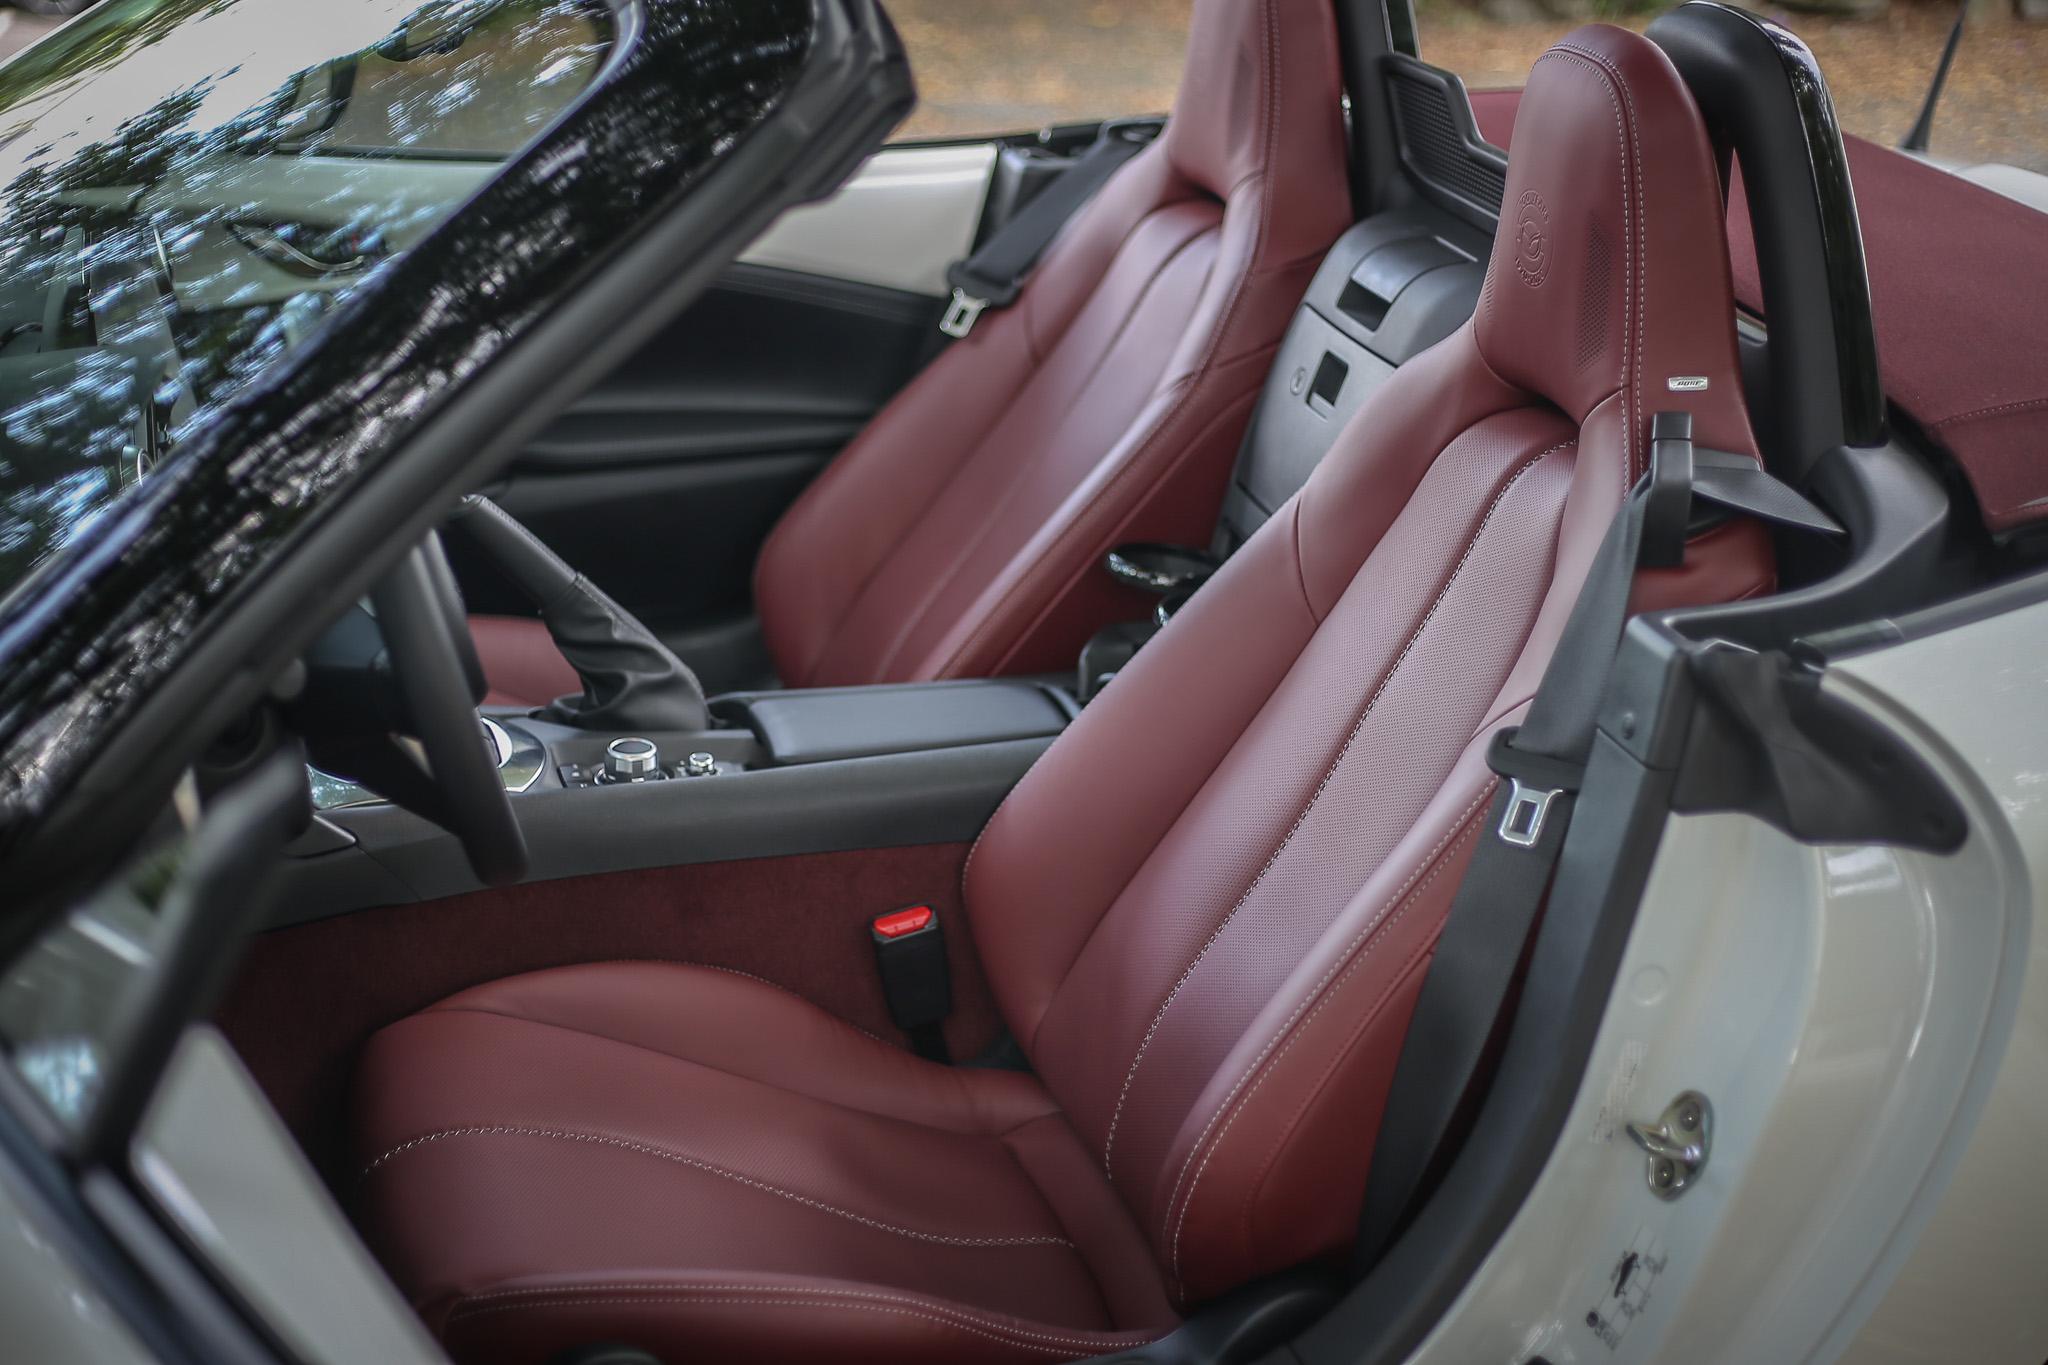 酒紅色的Nappa真皮座椅視覺與觸感都出色。